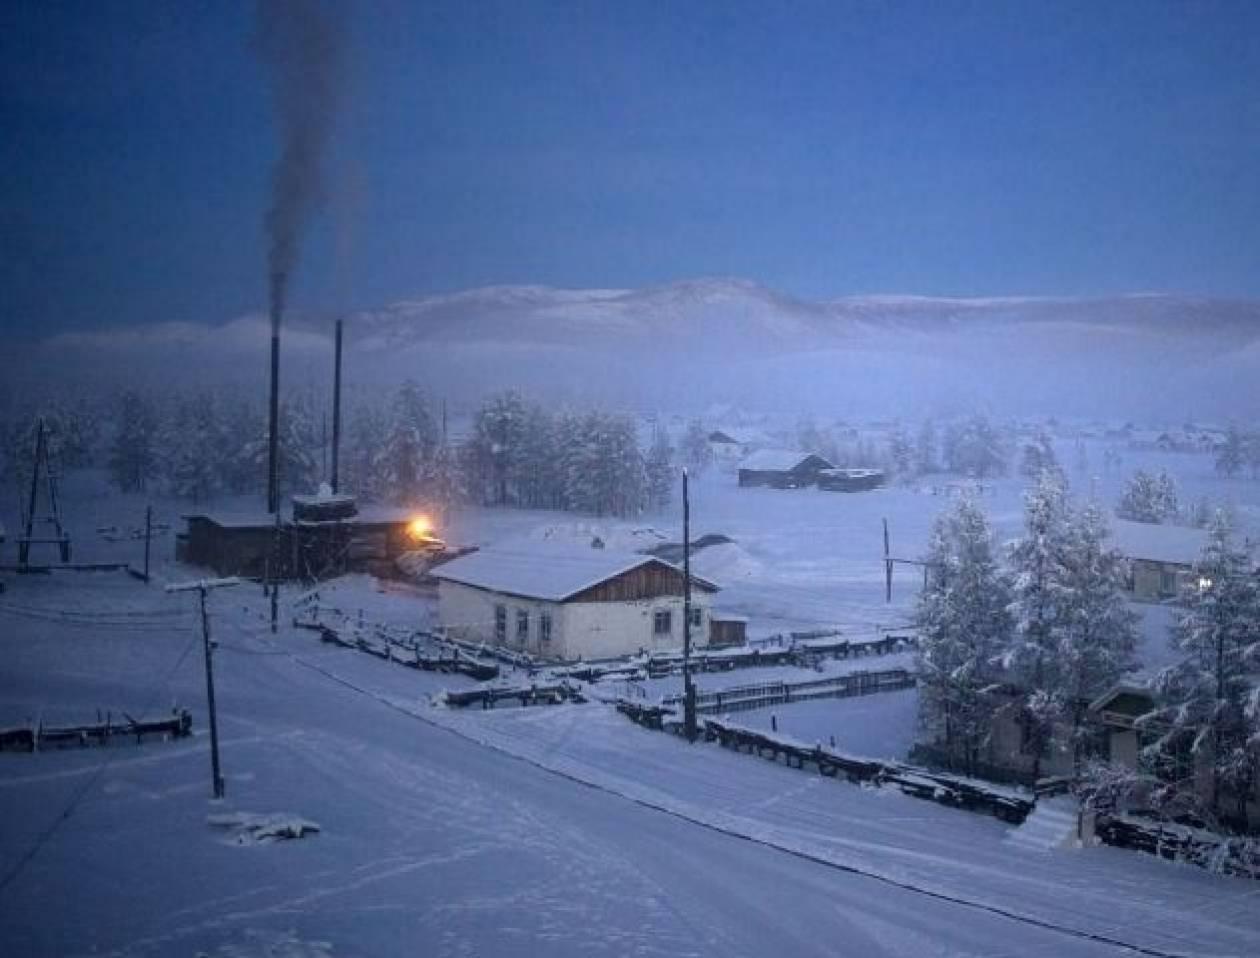 Βίντεο: Καλώς ήλθατε στο πιο παγωμένο χωριό του κόσμου!